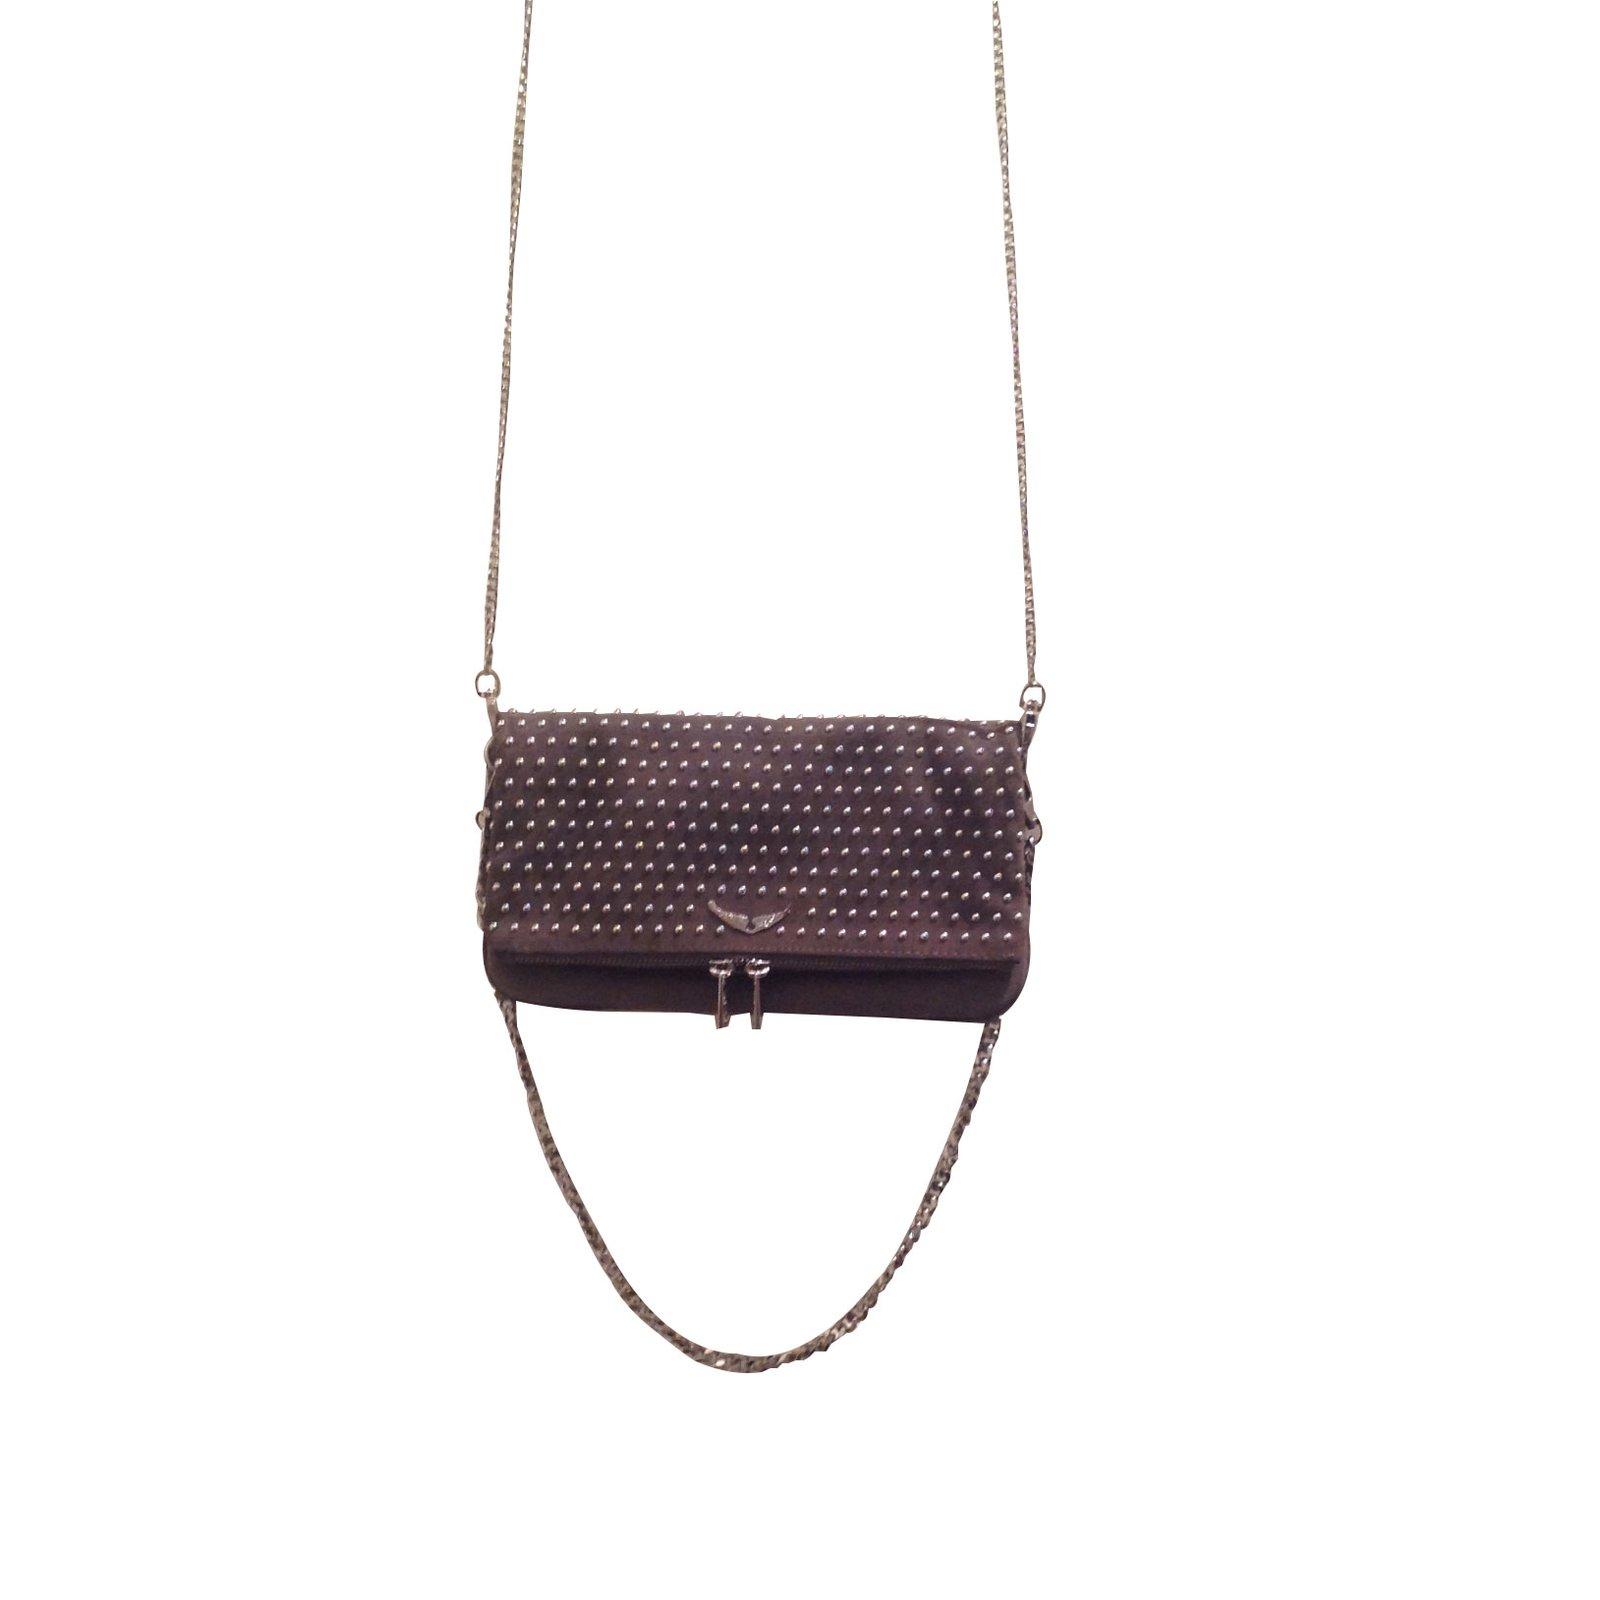 8b797e5f3e6 Zadig   Voltaire Clutch bags Clutch bags Leather Black ref.53897 ...